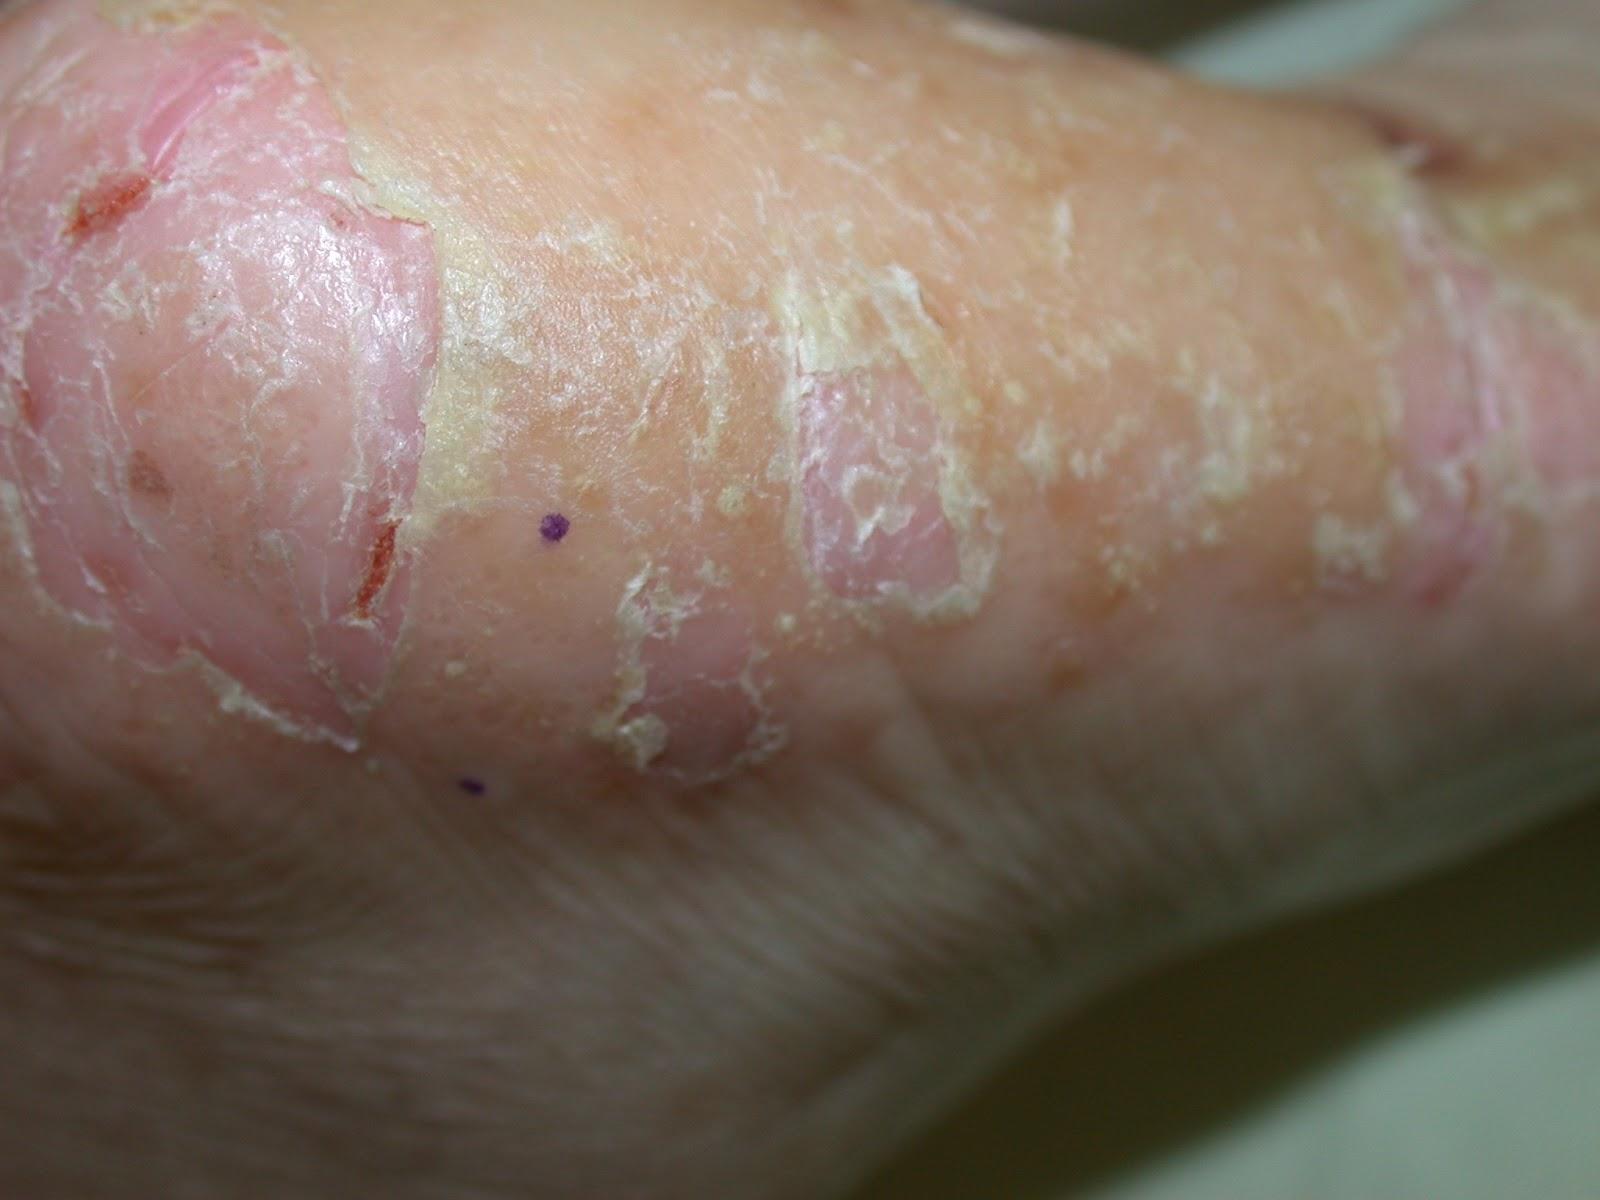 可觀焉-謝志偉皮膚科醫師的筆記: 和皰疹沒什麼關系的一種手部濕疹-汗皰疹(汗皰疹. pompholyx)